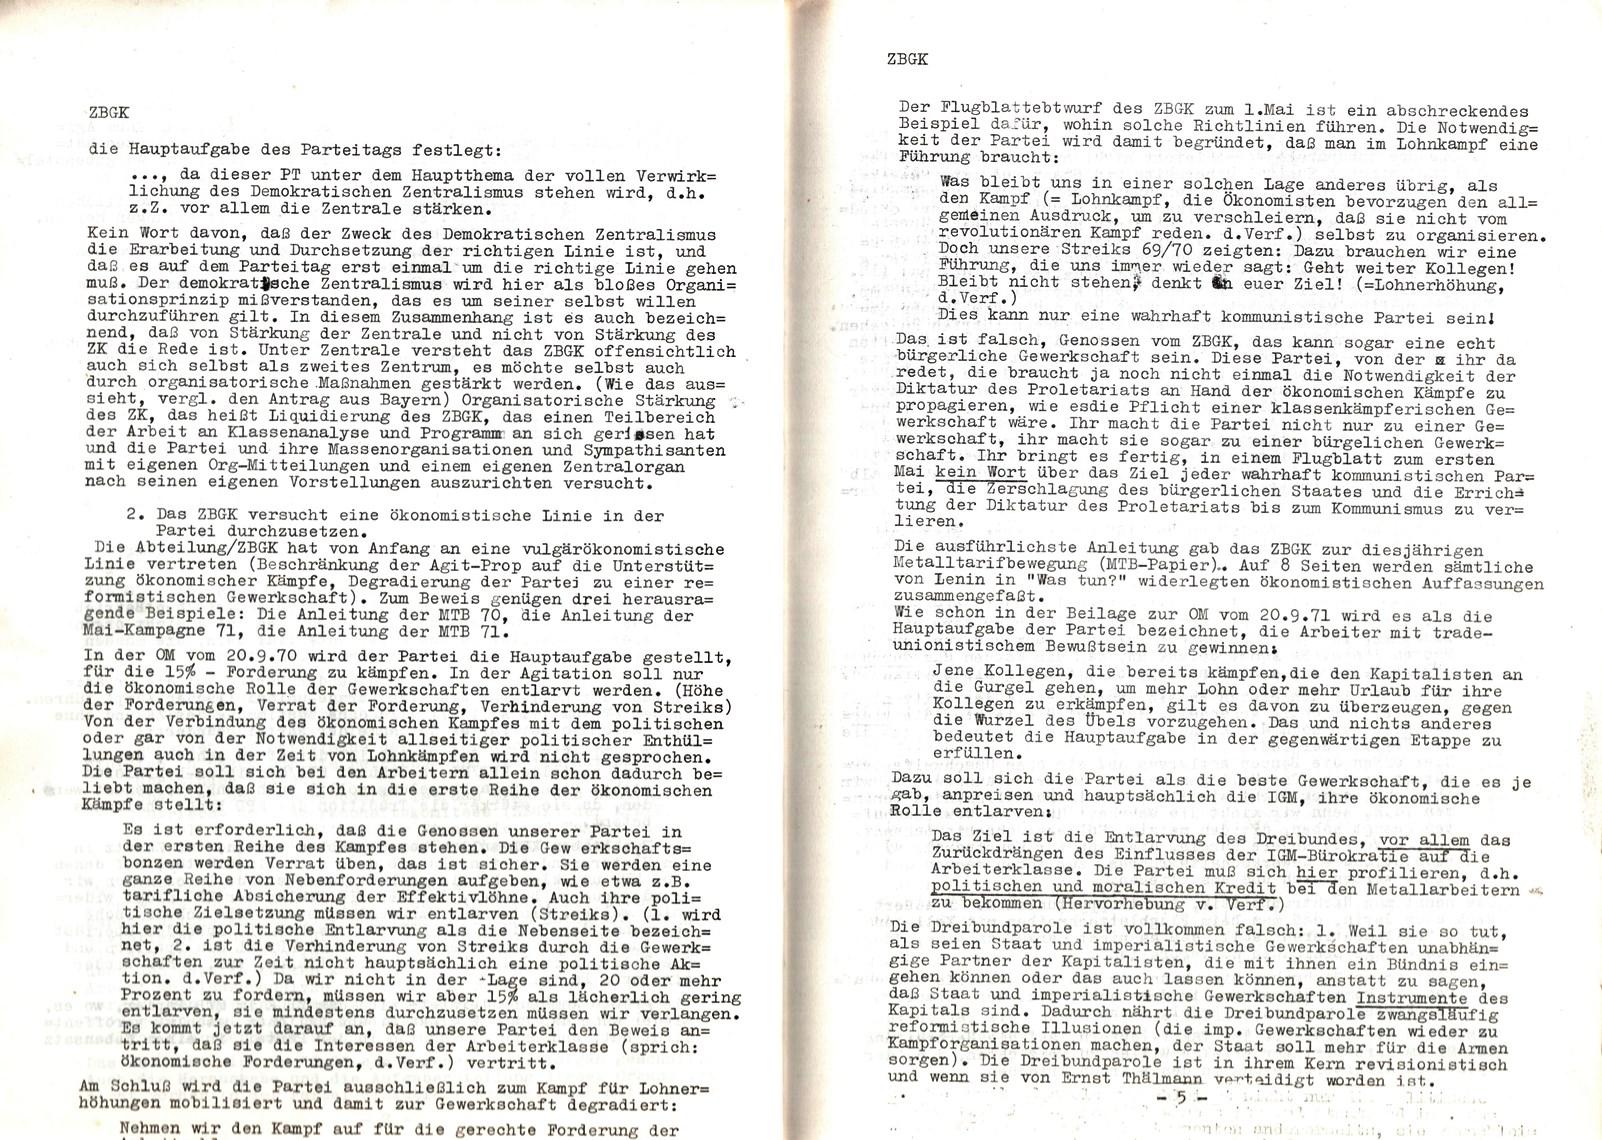 KPDML_1971_Analysen_und_Antraege_des_LV_Sued_West_024